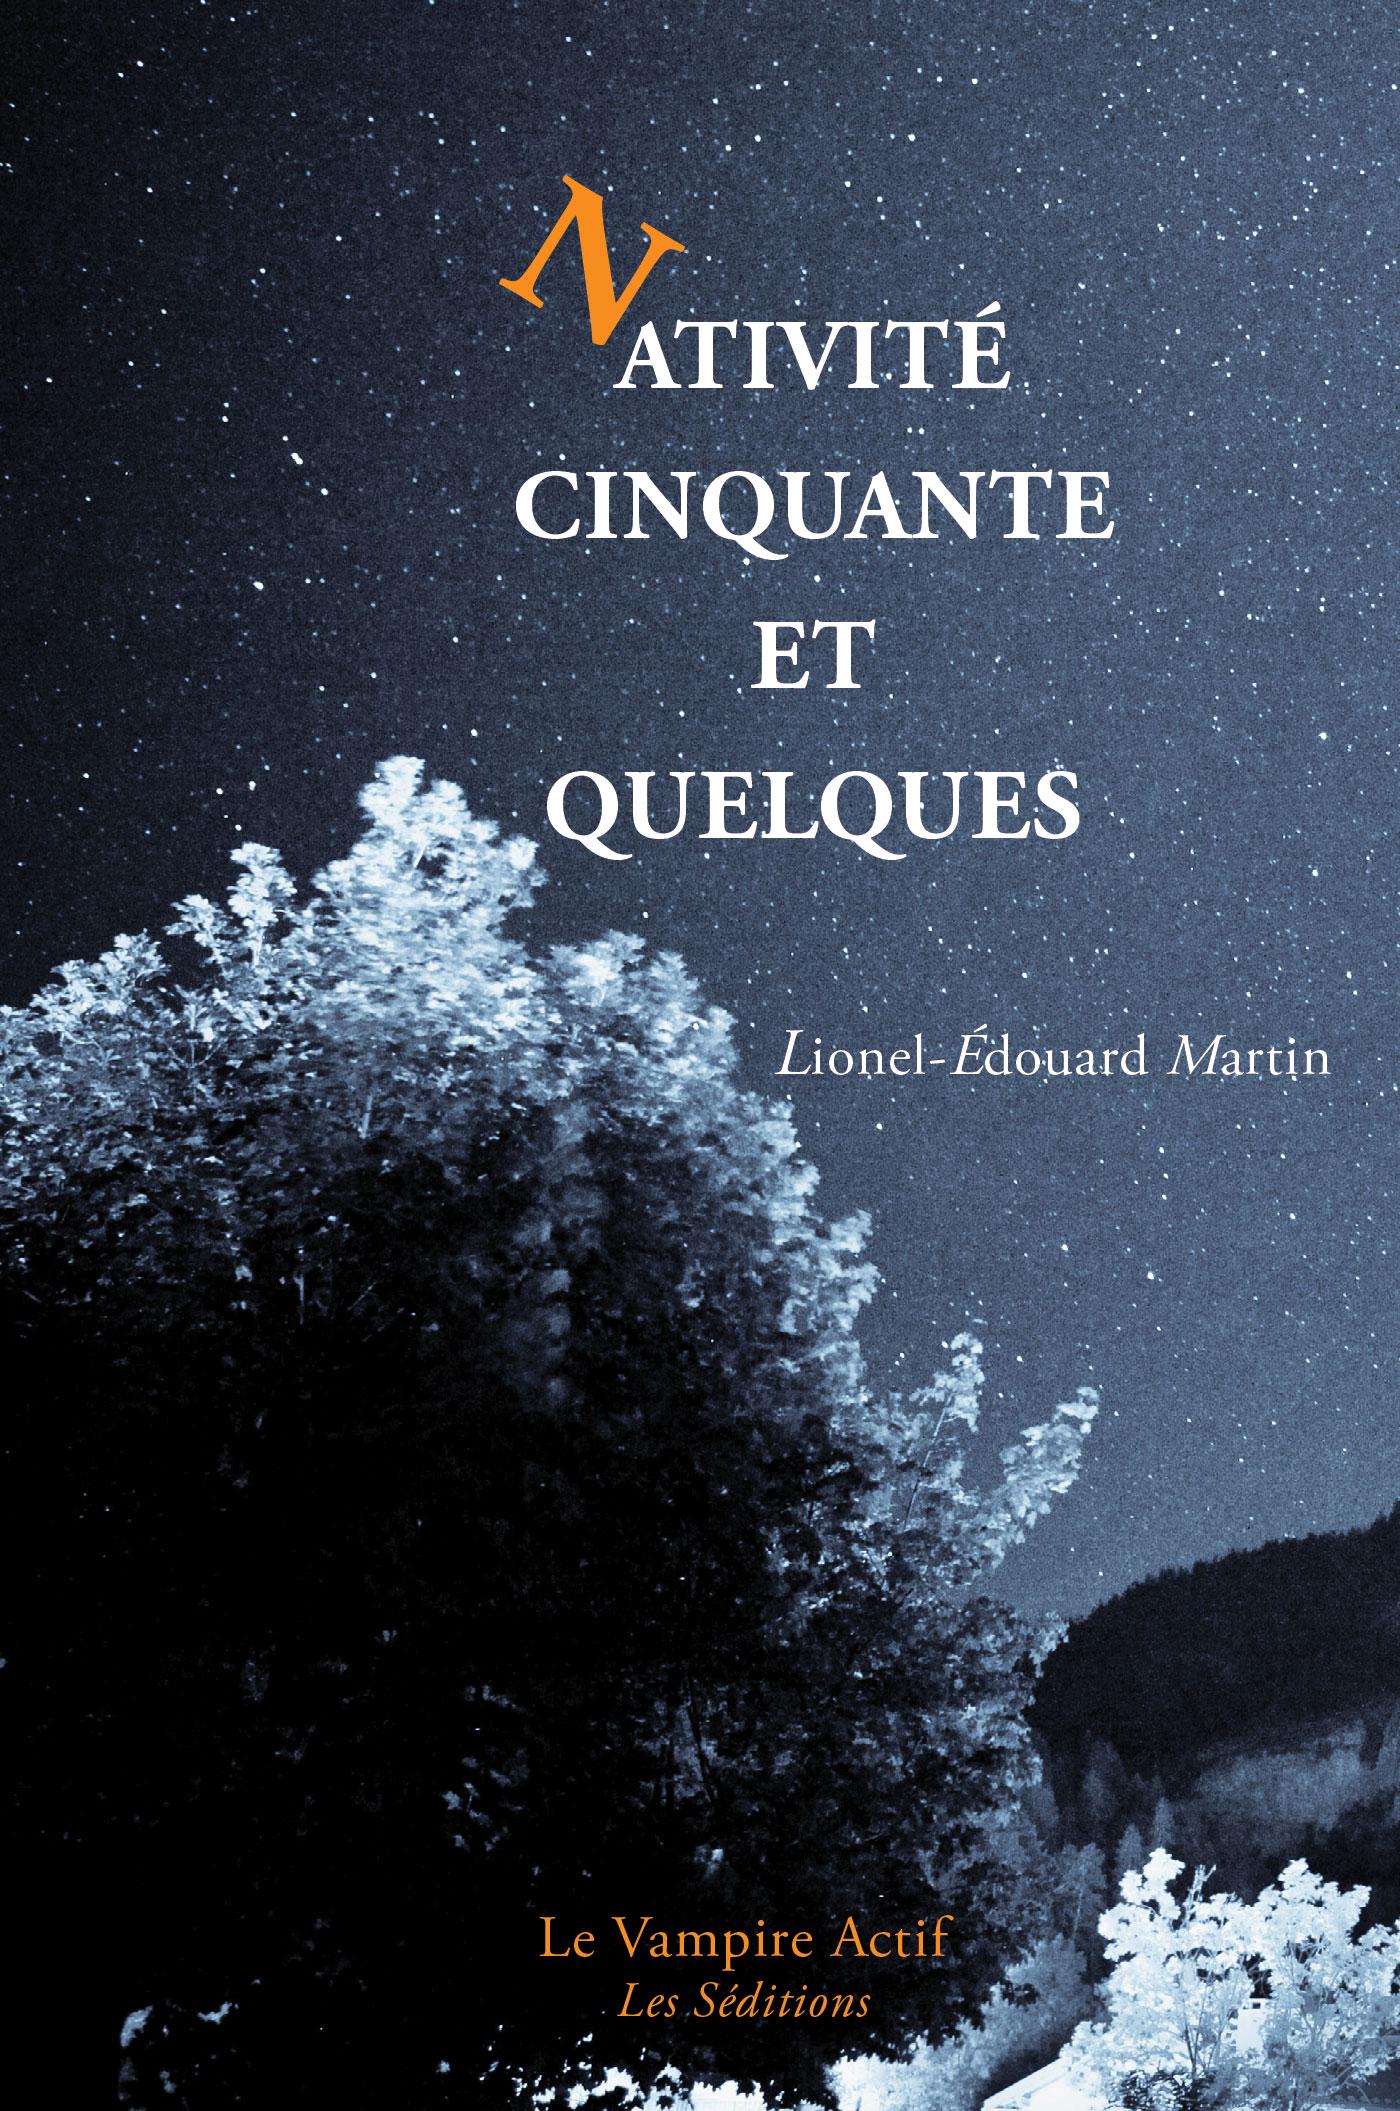 [Martin, Lionel-Edouard] Nativité cinquante et quelques 1ere-de-couv_Nativite-